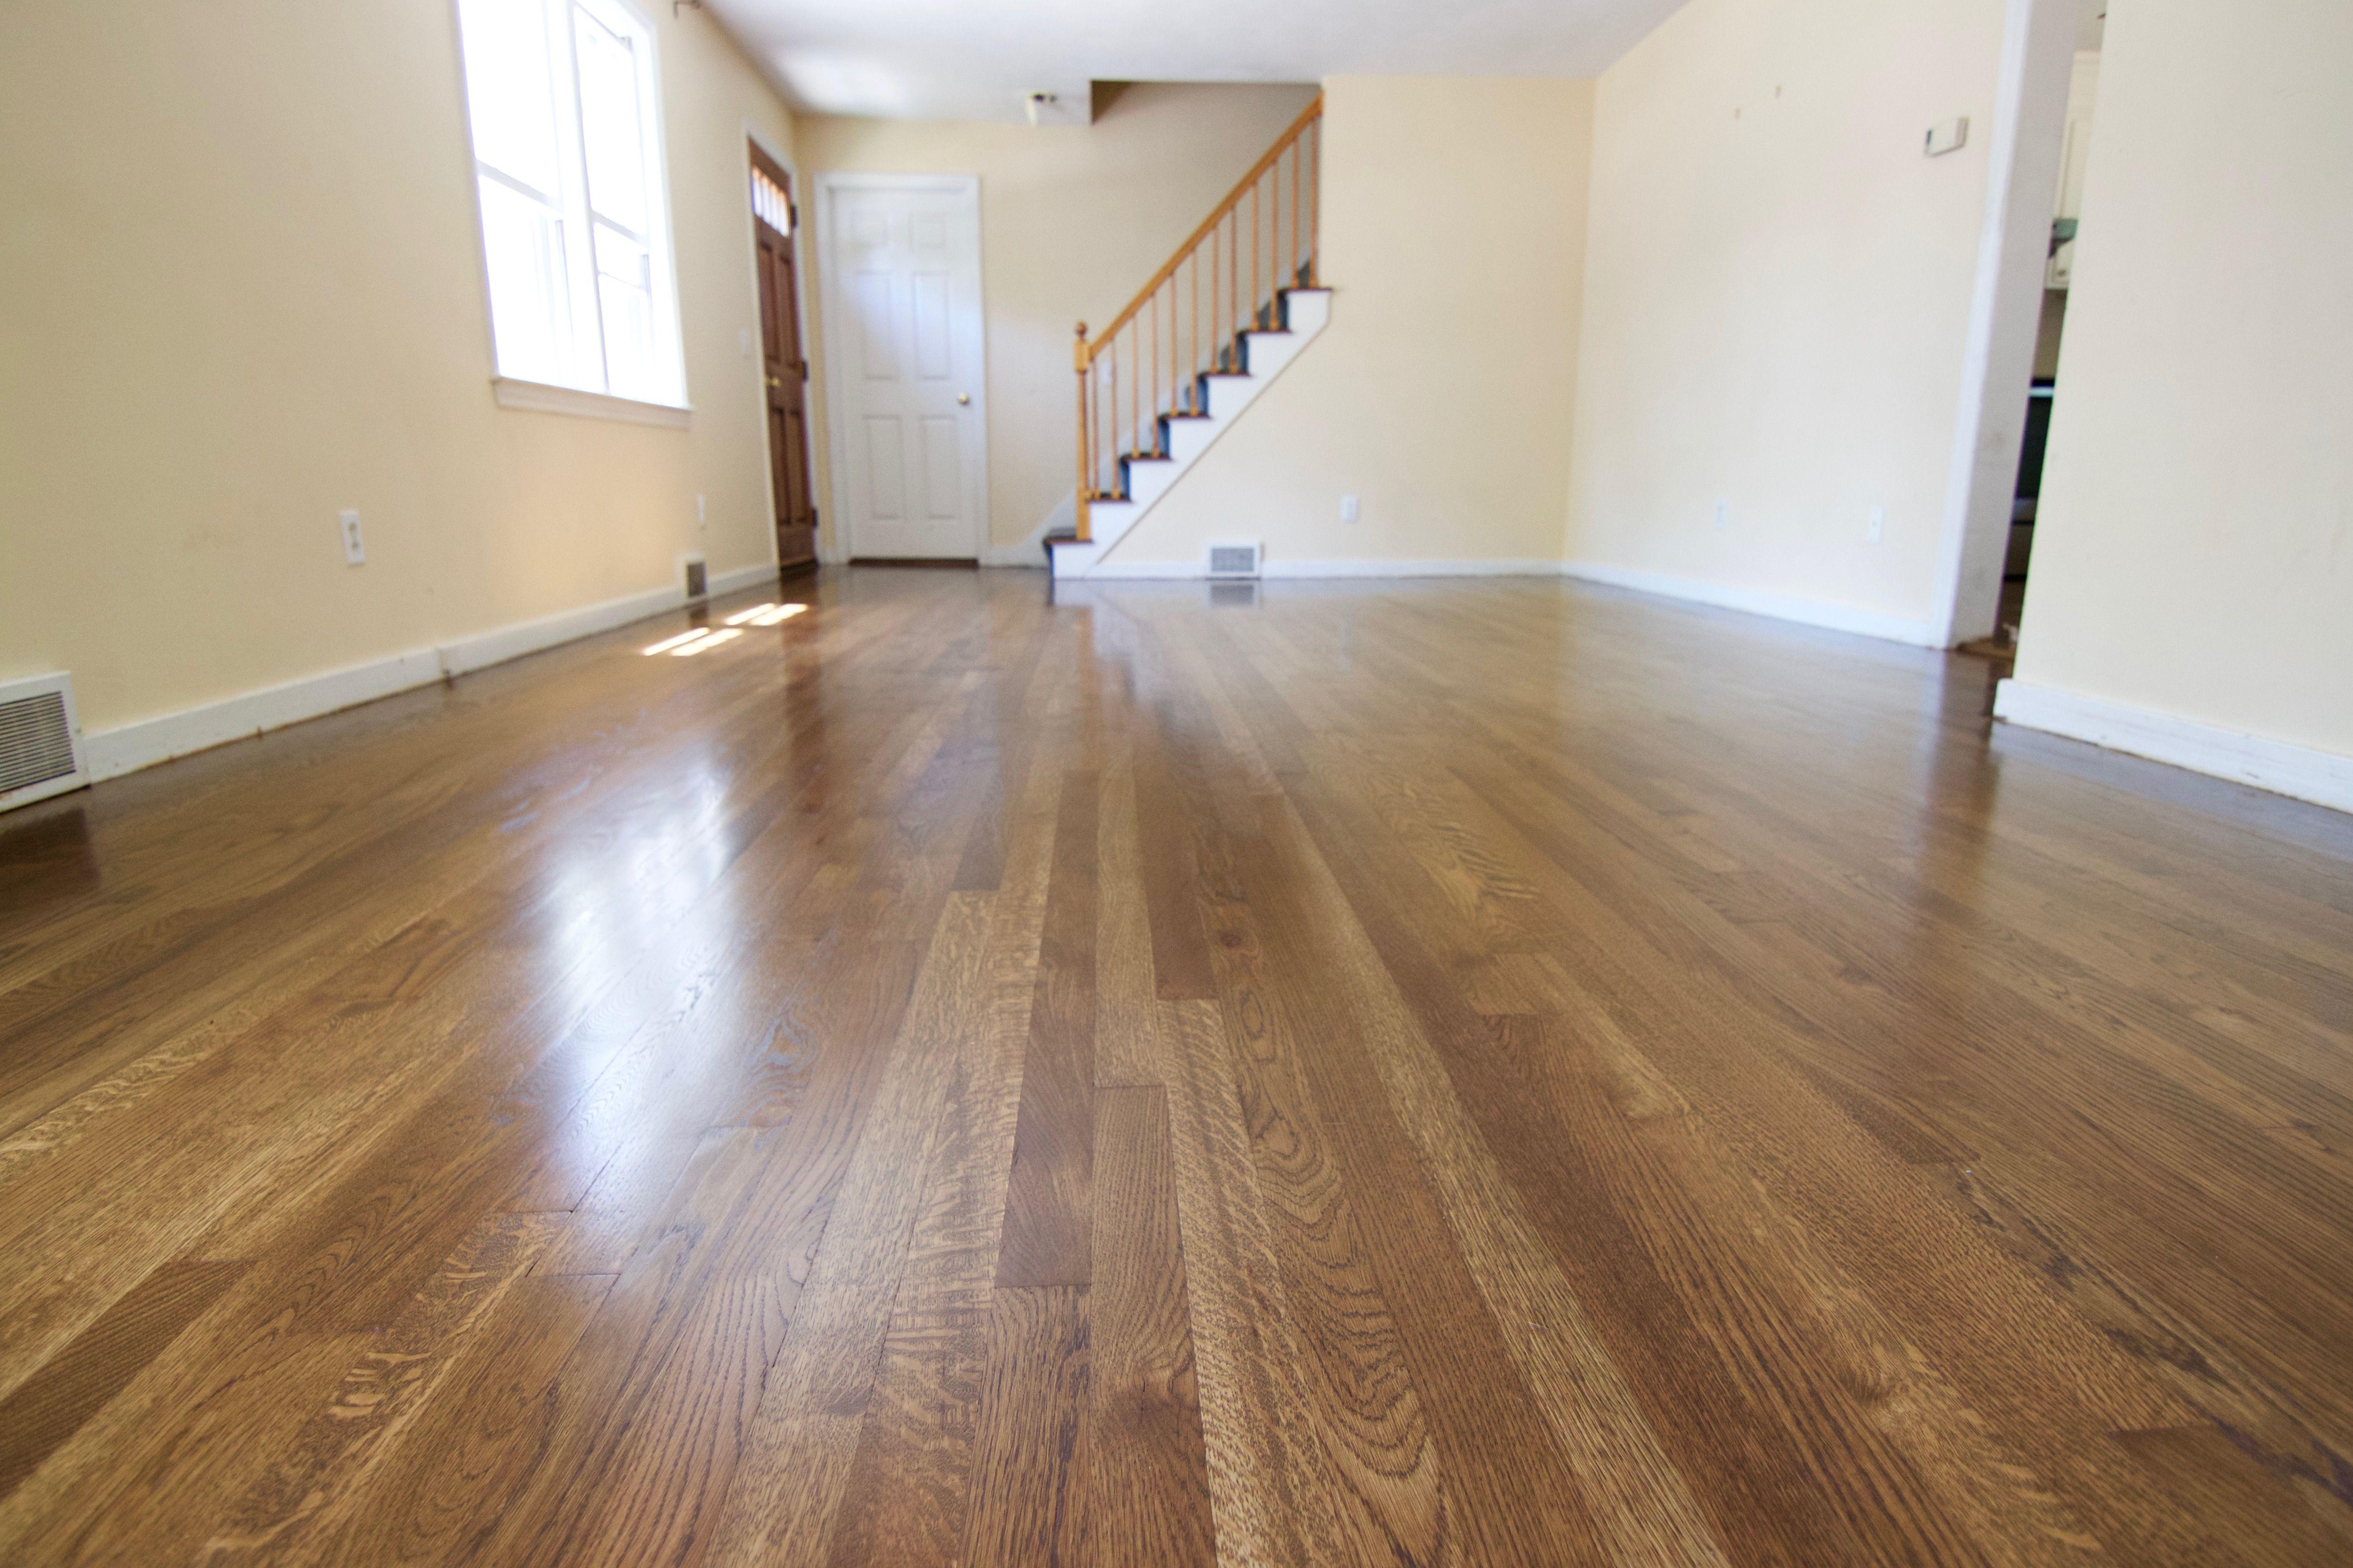 Bona Medium Brown Refinishing Hardwood Floors Refinishing